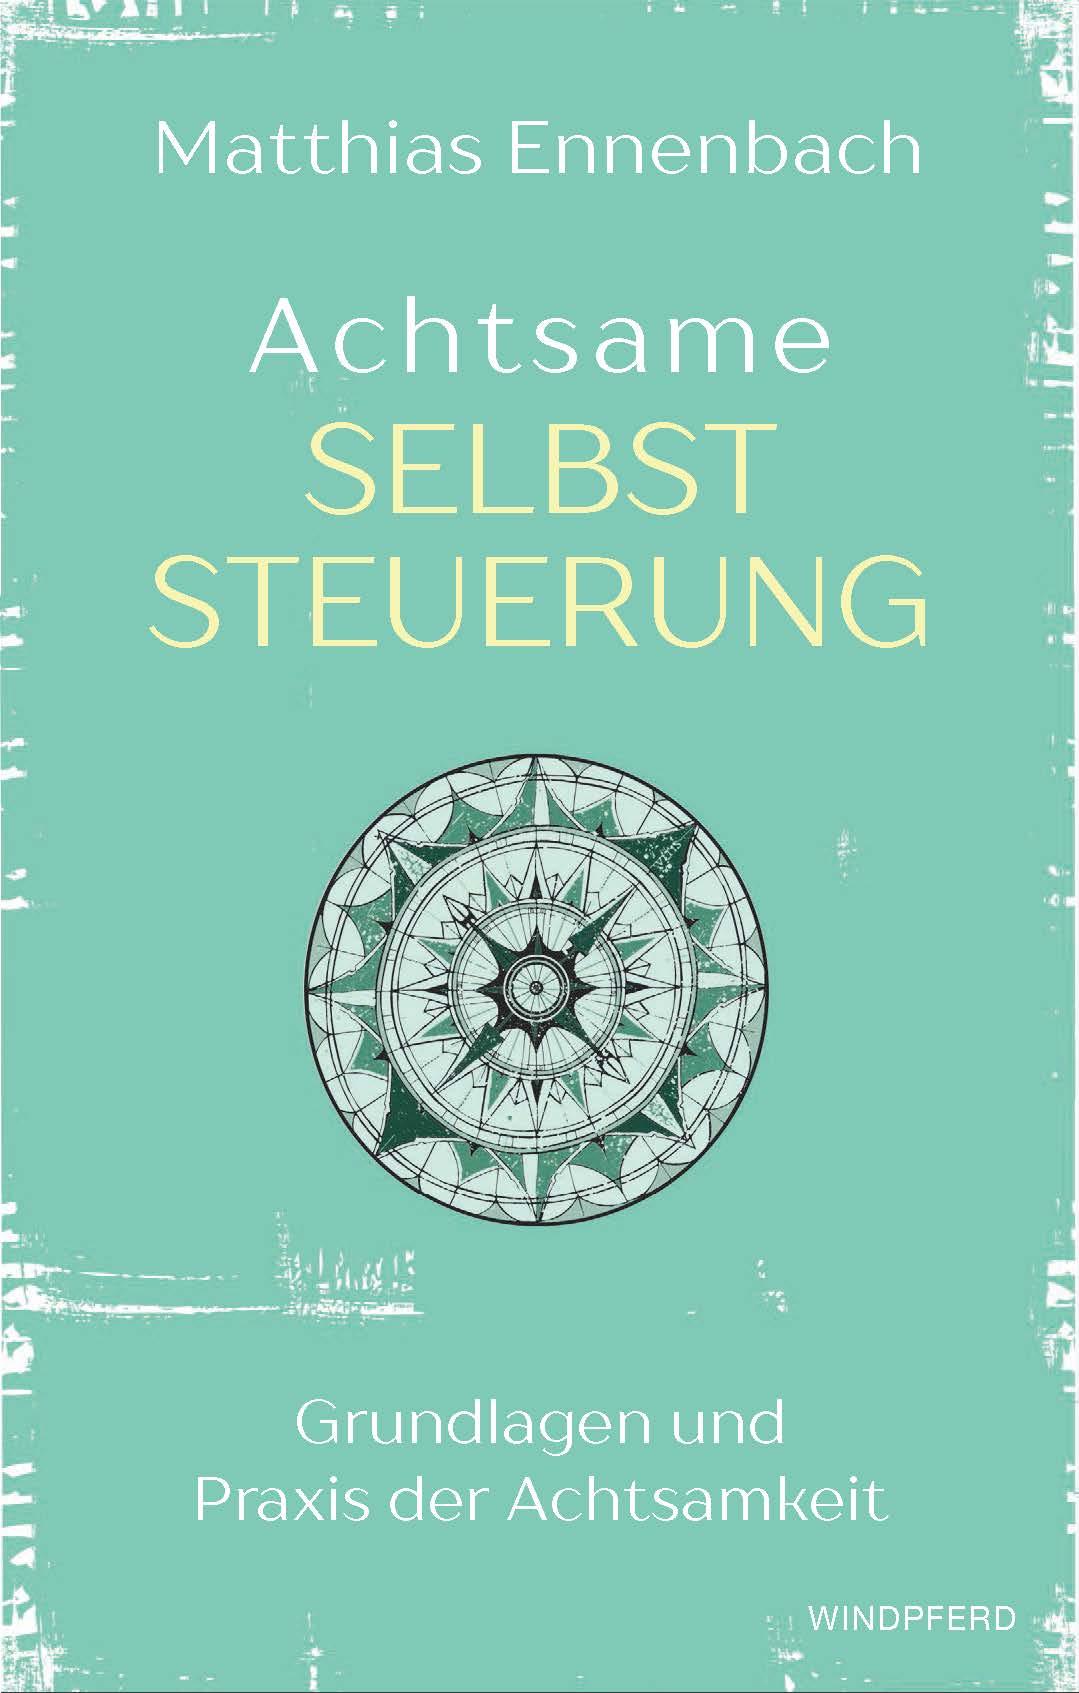 Achtsame Selbststeuerung, Matthias Ennenbach